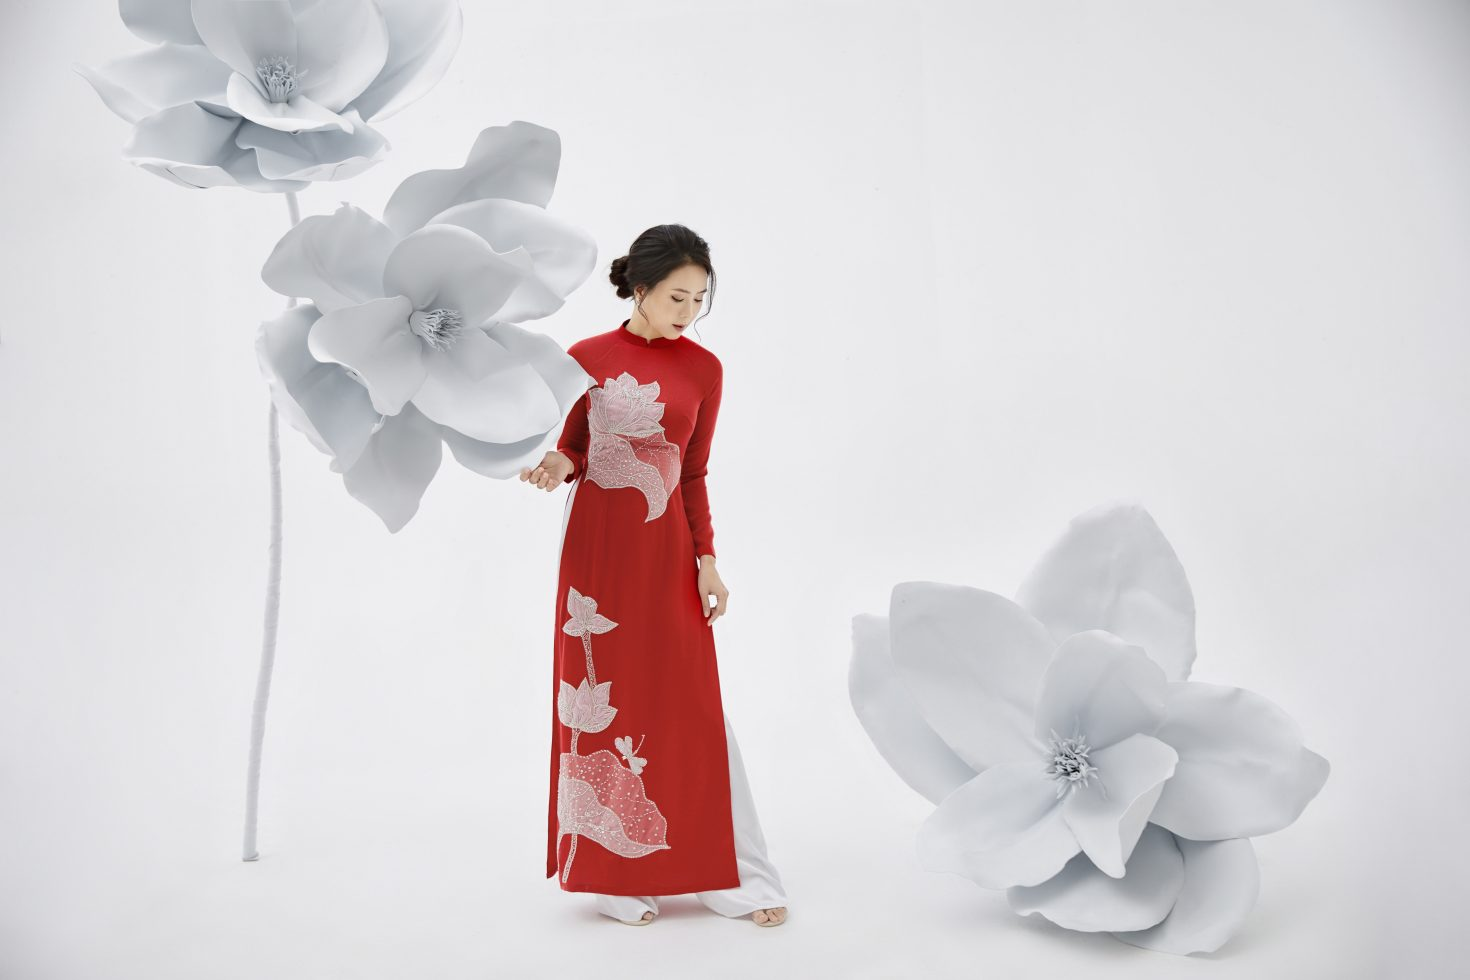 Bộ sưu tập CÂY HOA KHỔNG LỒ được yêu thích tại Hoa giấy Suchin